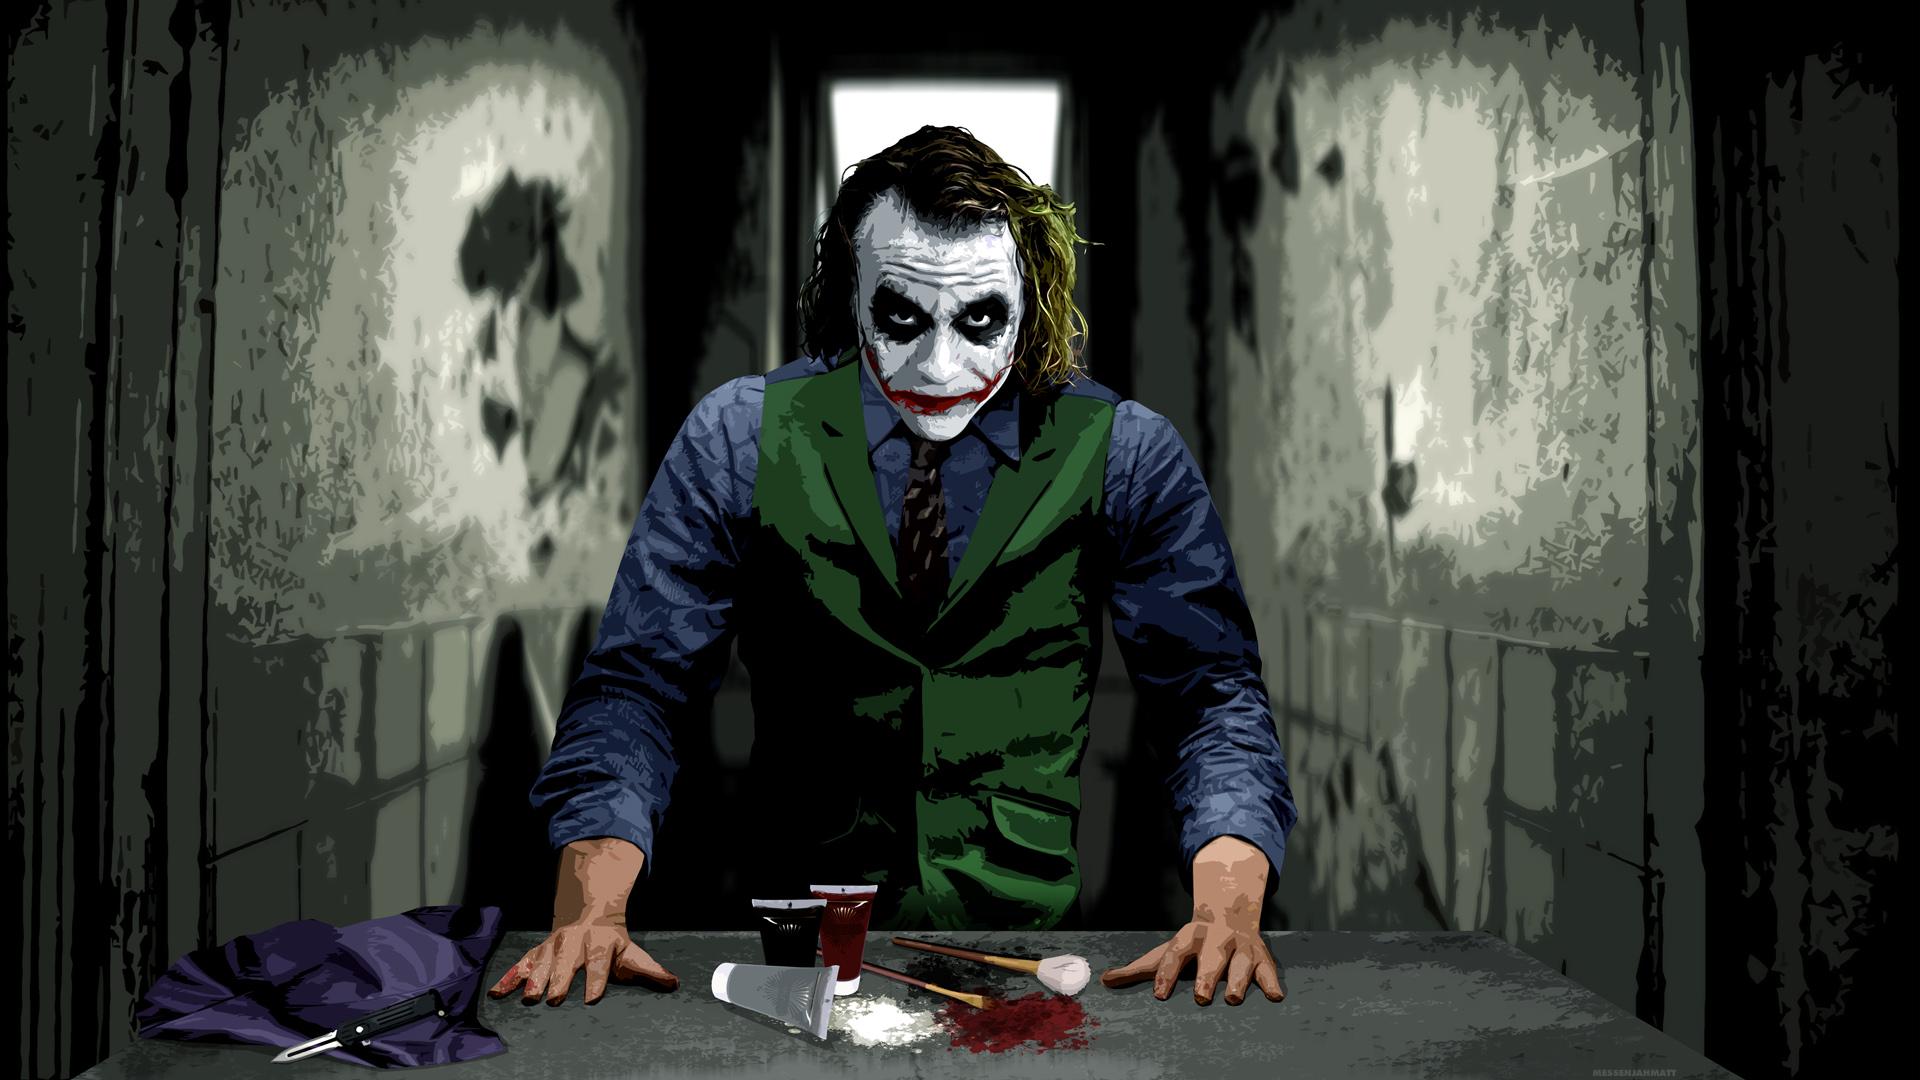 dark knight joker wallpaper hd,joker,supervillain,fictional character,fiction,batman